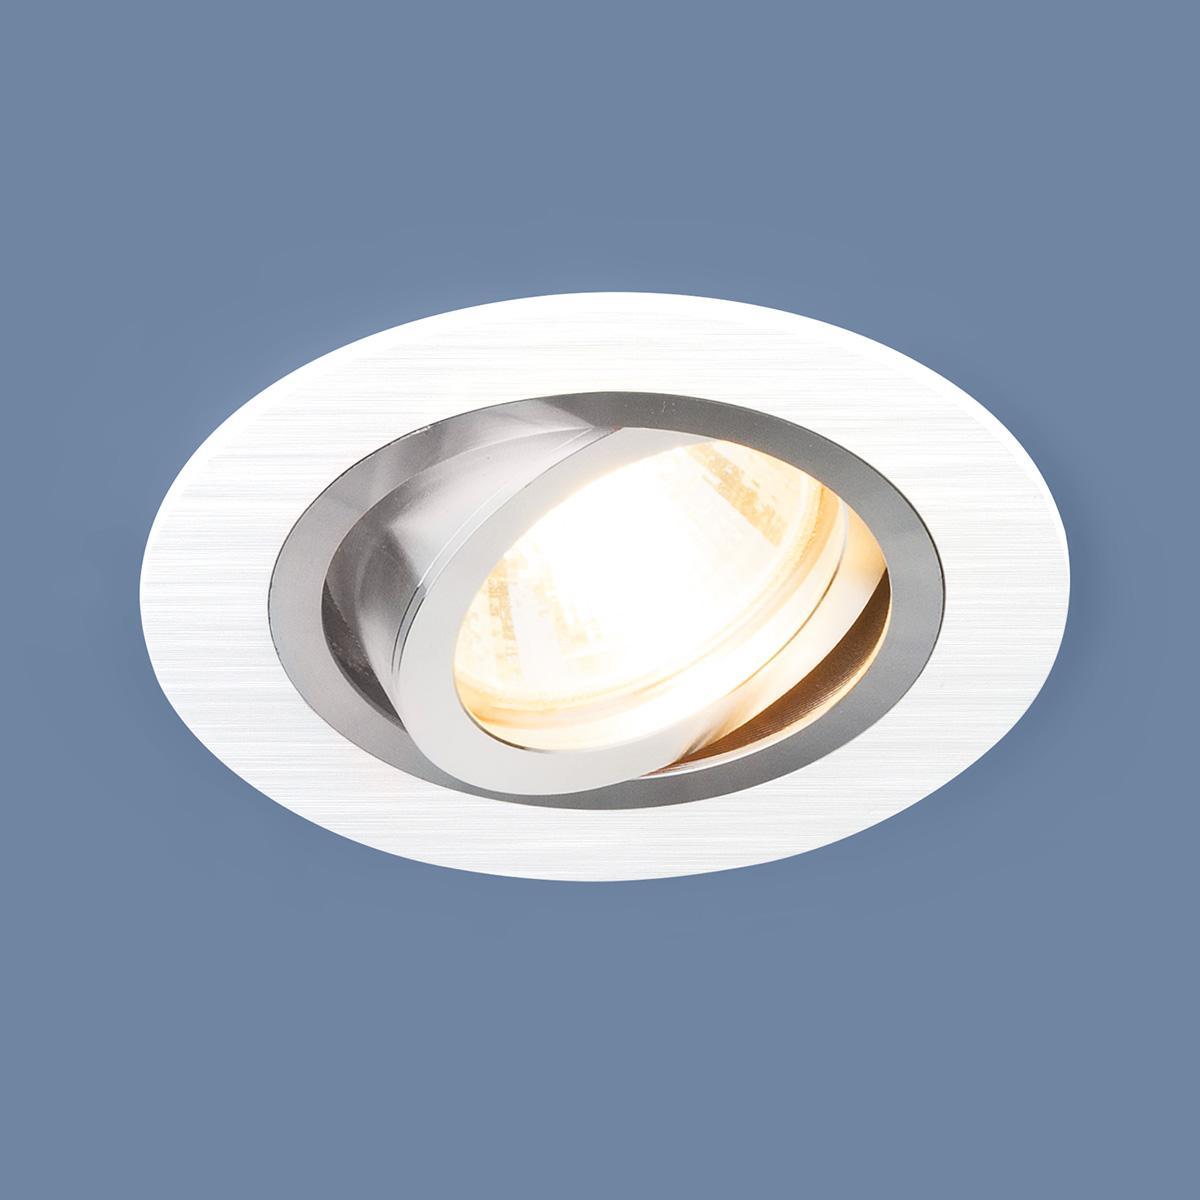 Точечный светильник Elektrostandard 1061/1 MR16 WH белый